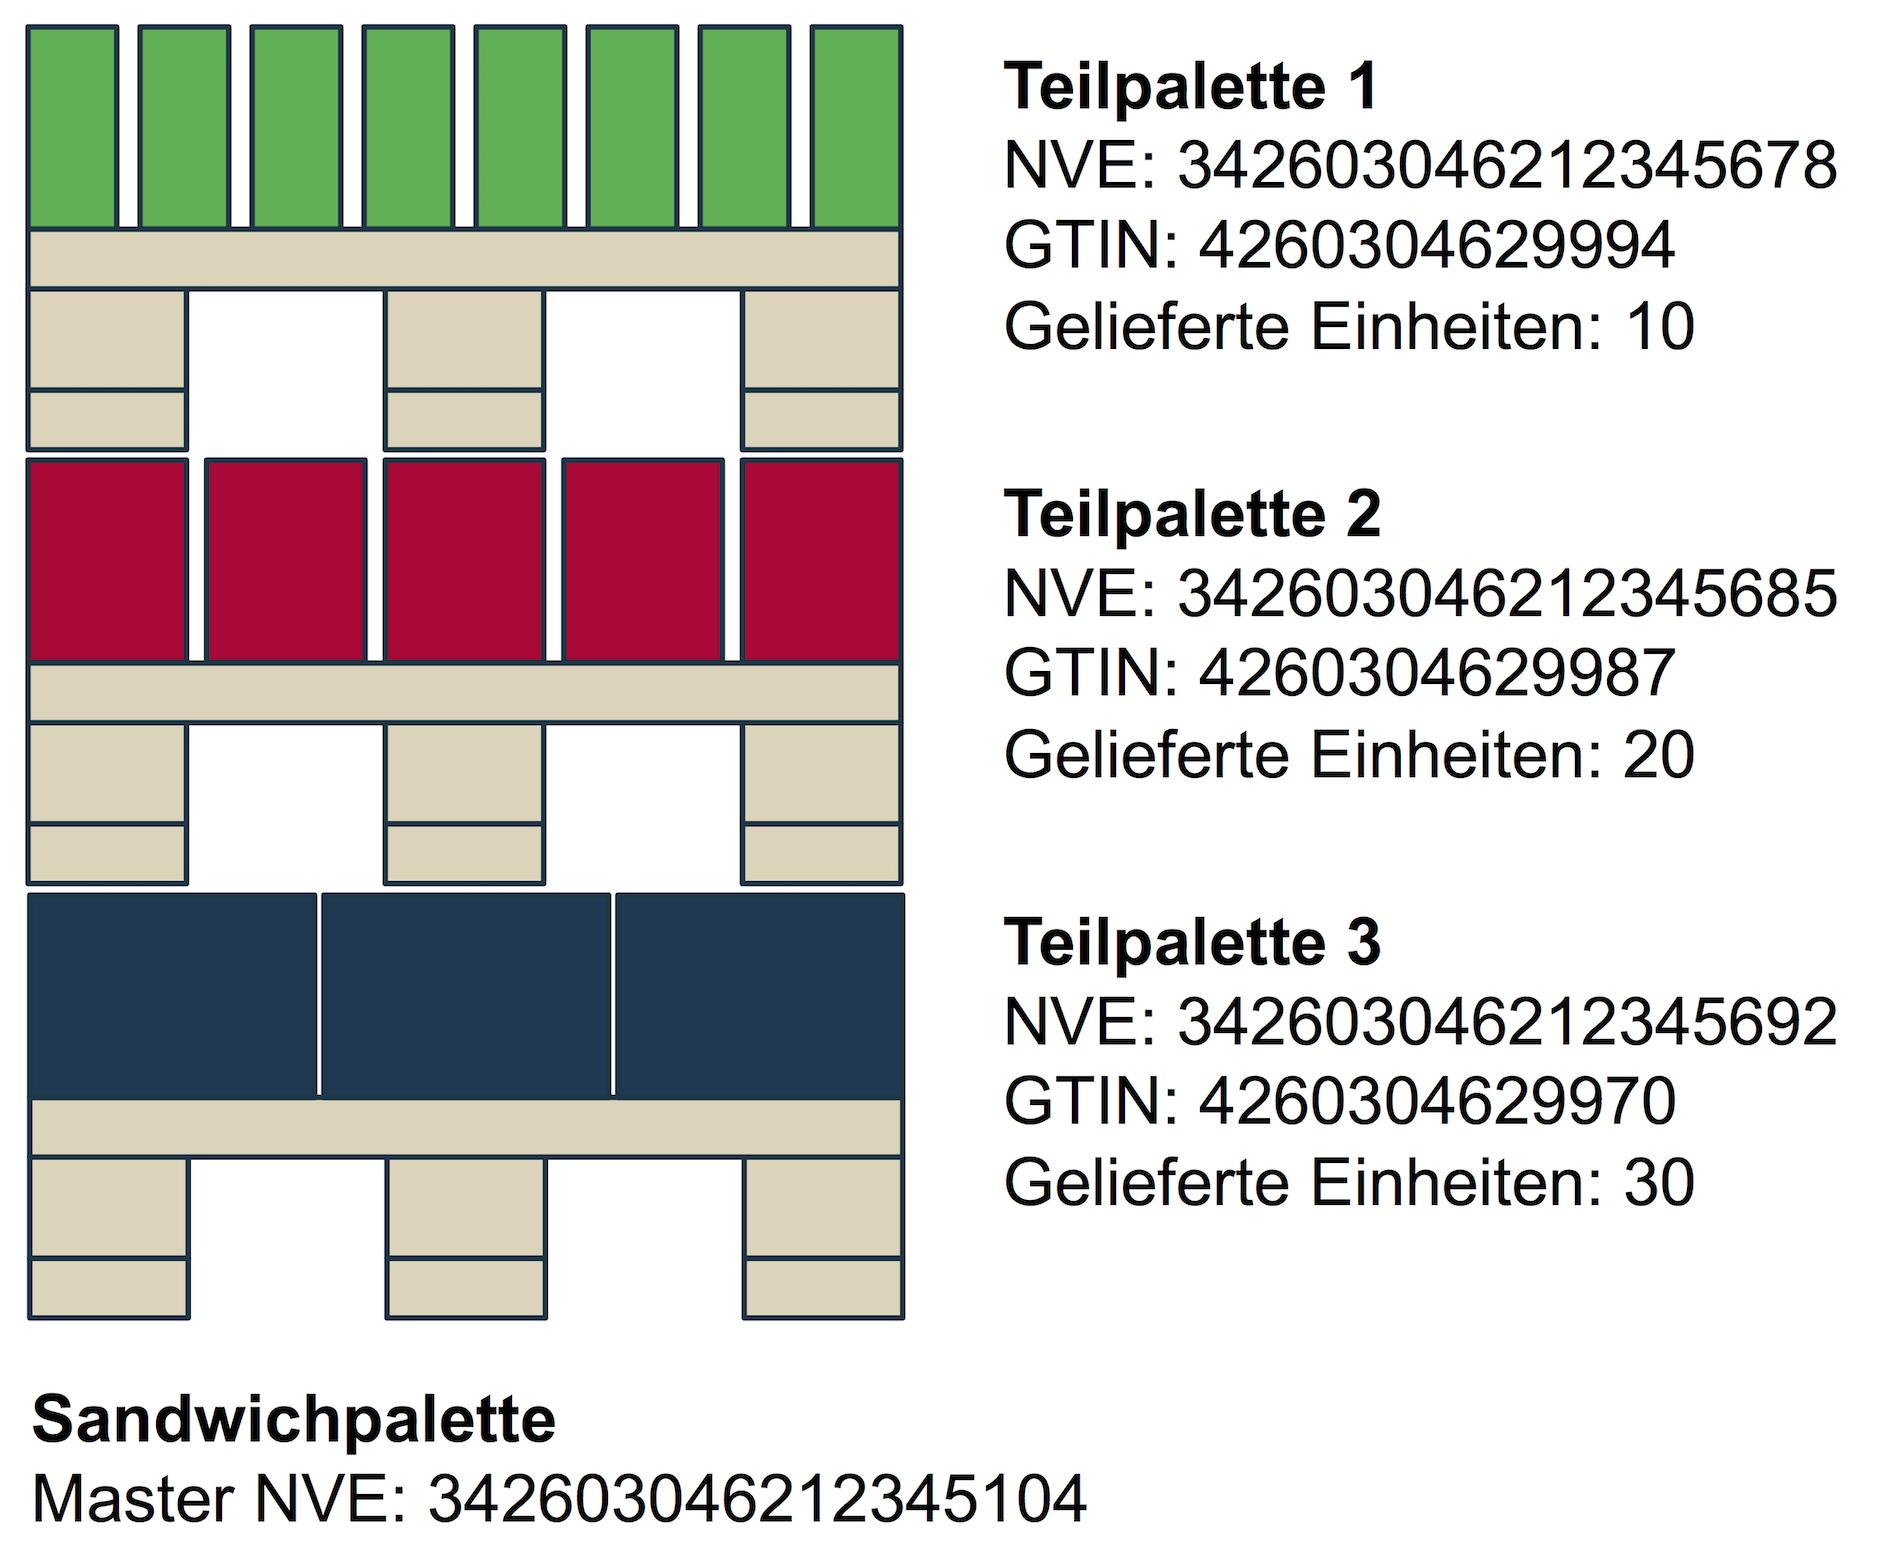 Beispiel für eine Sandwichpalette